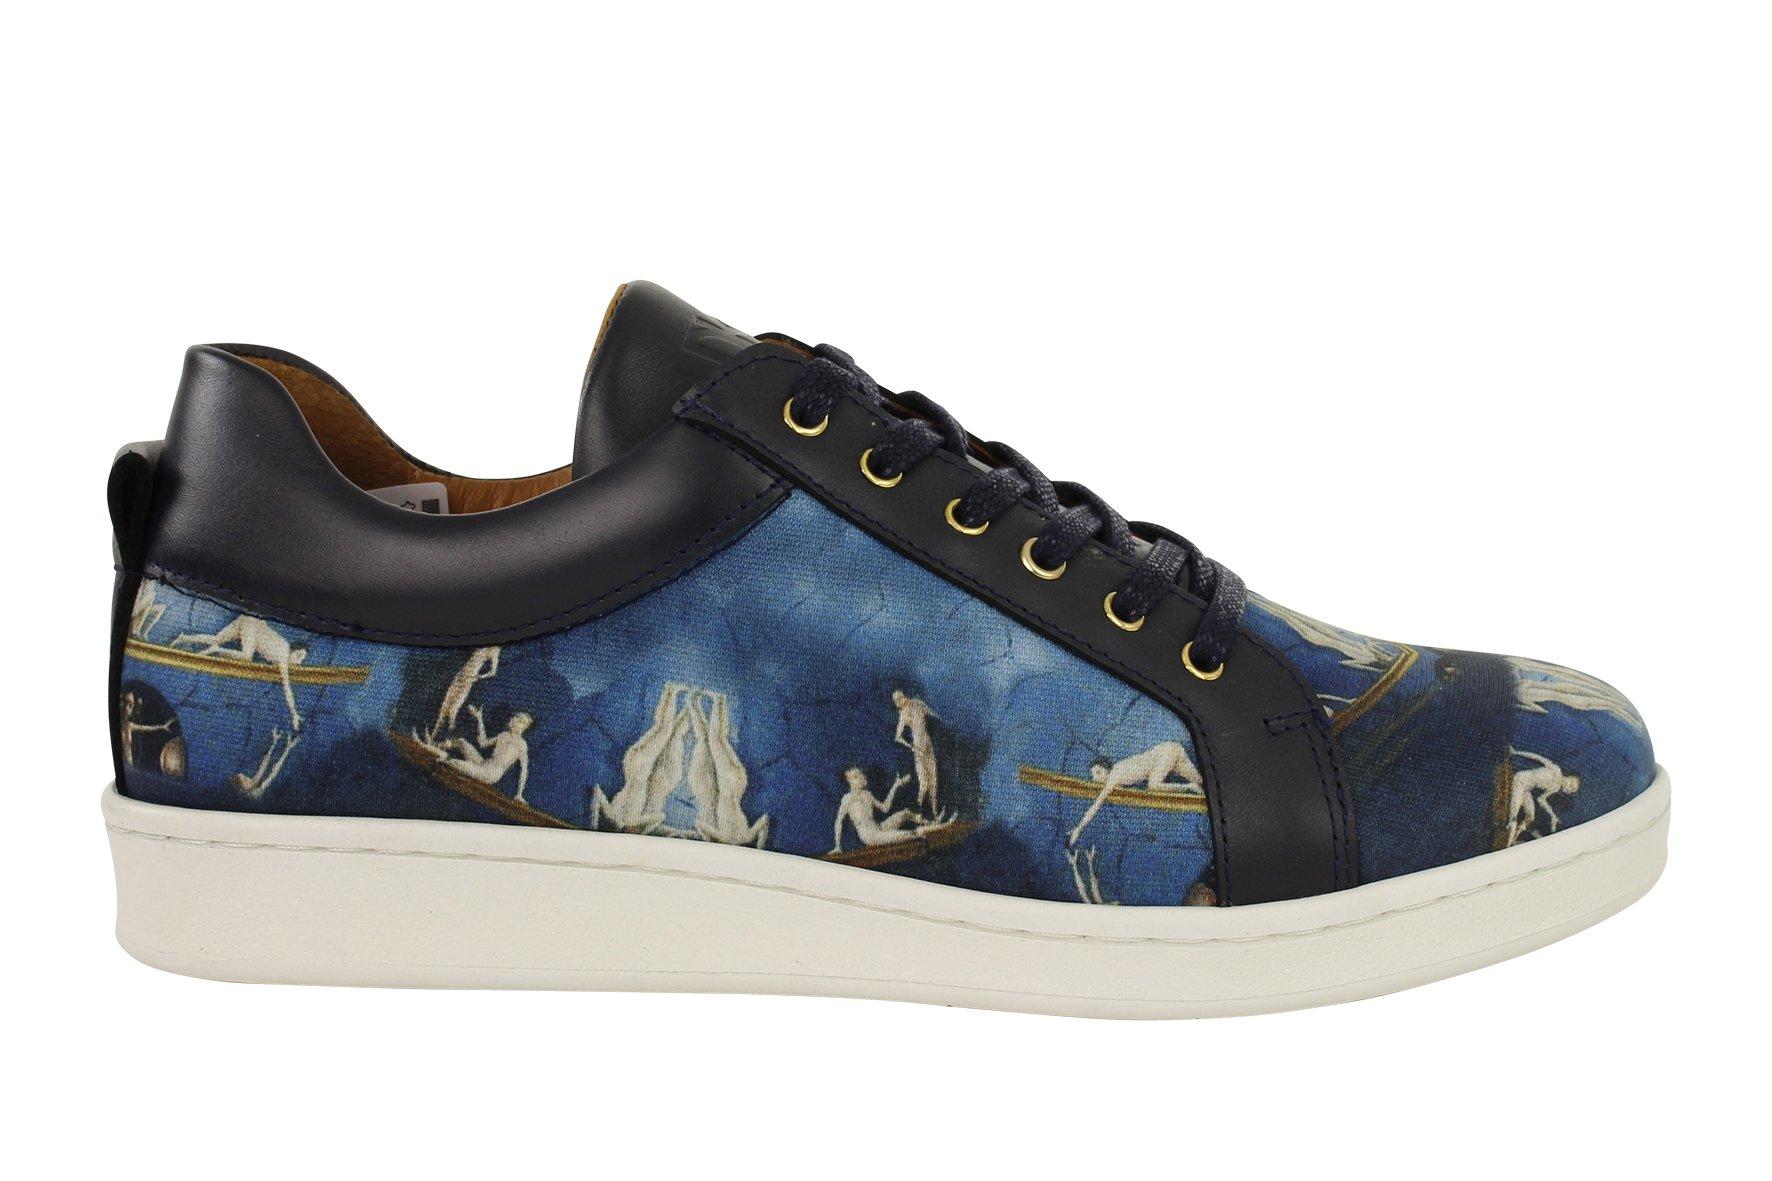 Boyd sneaker Sauna Jheronimus Bosch from LINKKENS